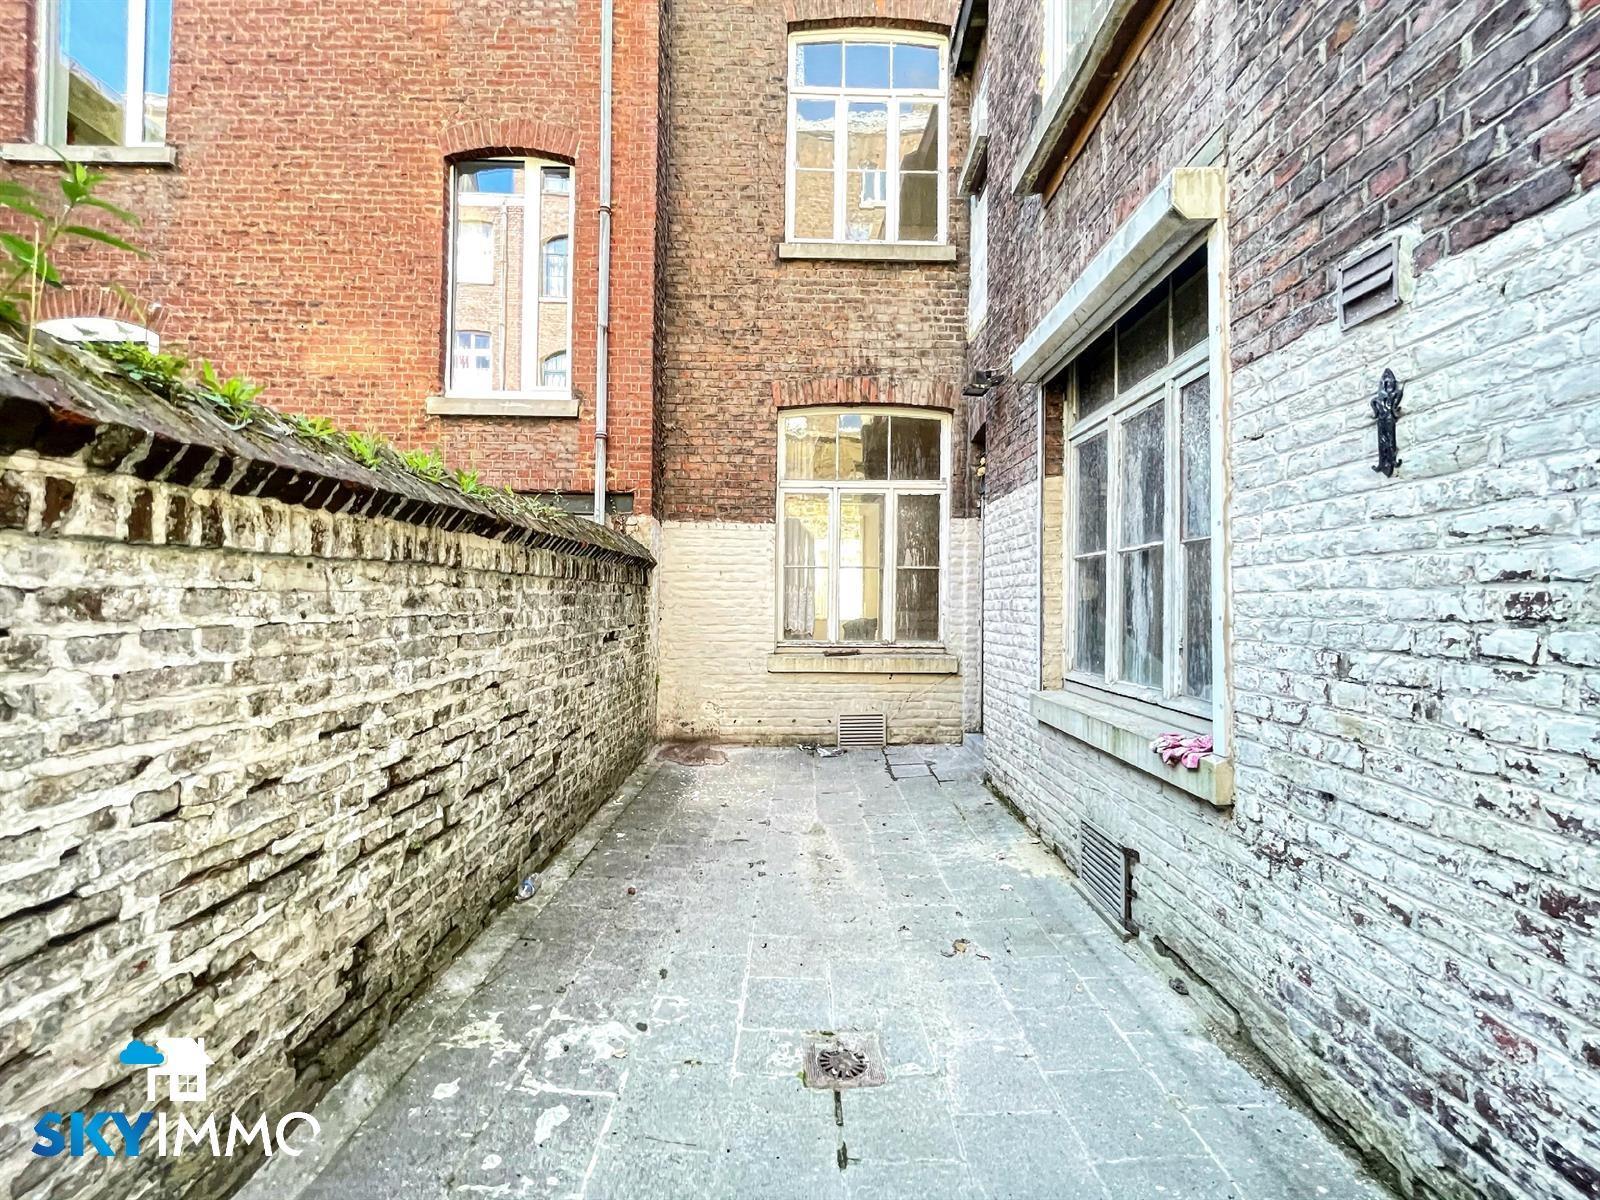 Maison - Liège - #4368190-9